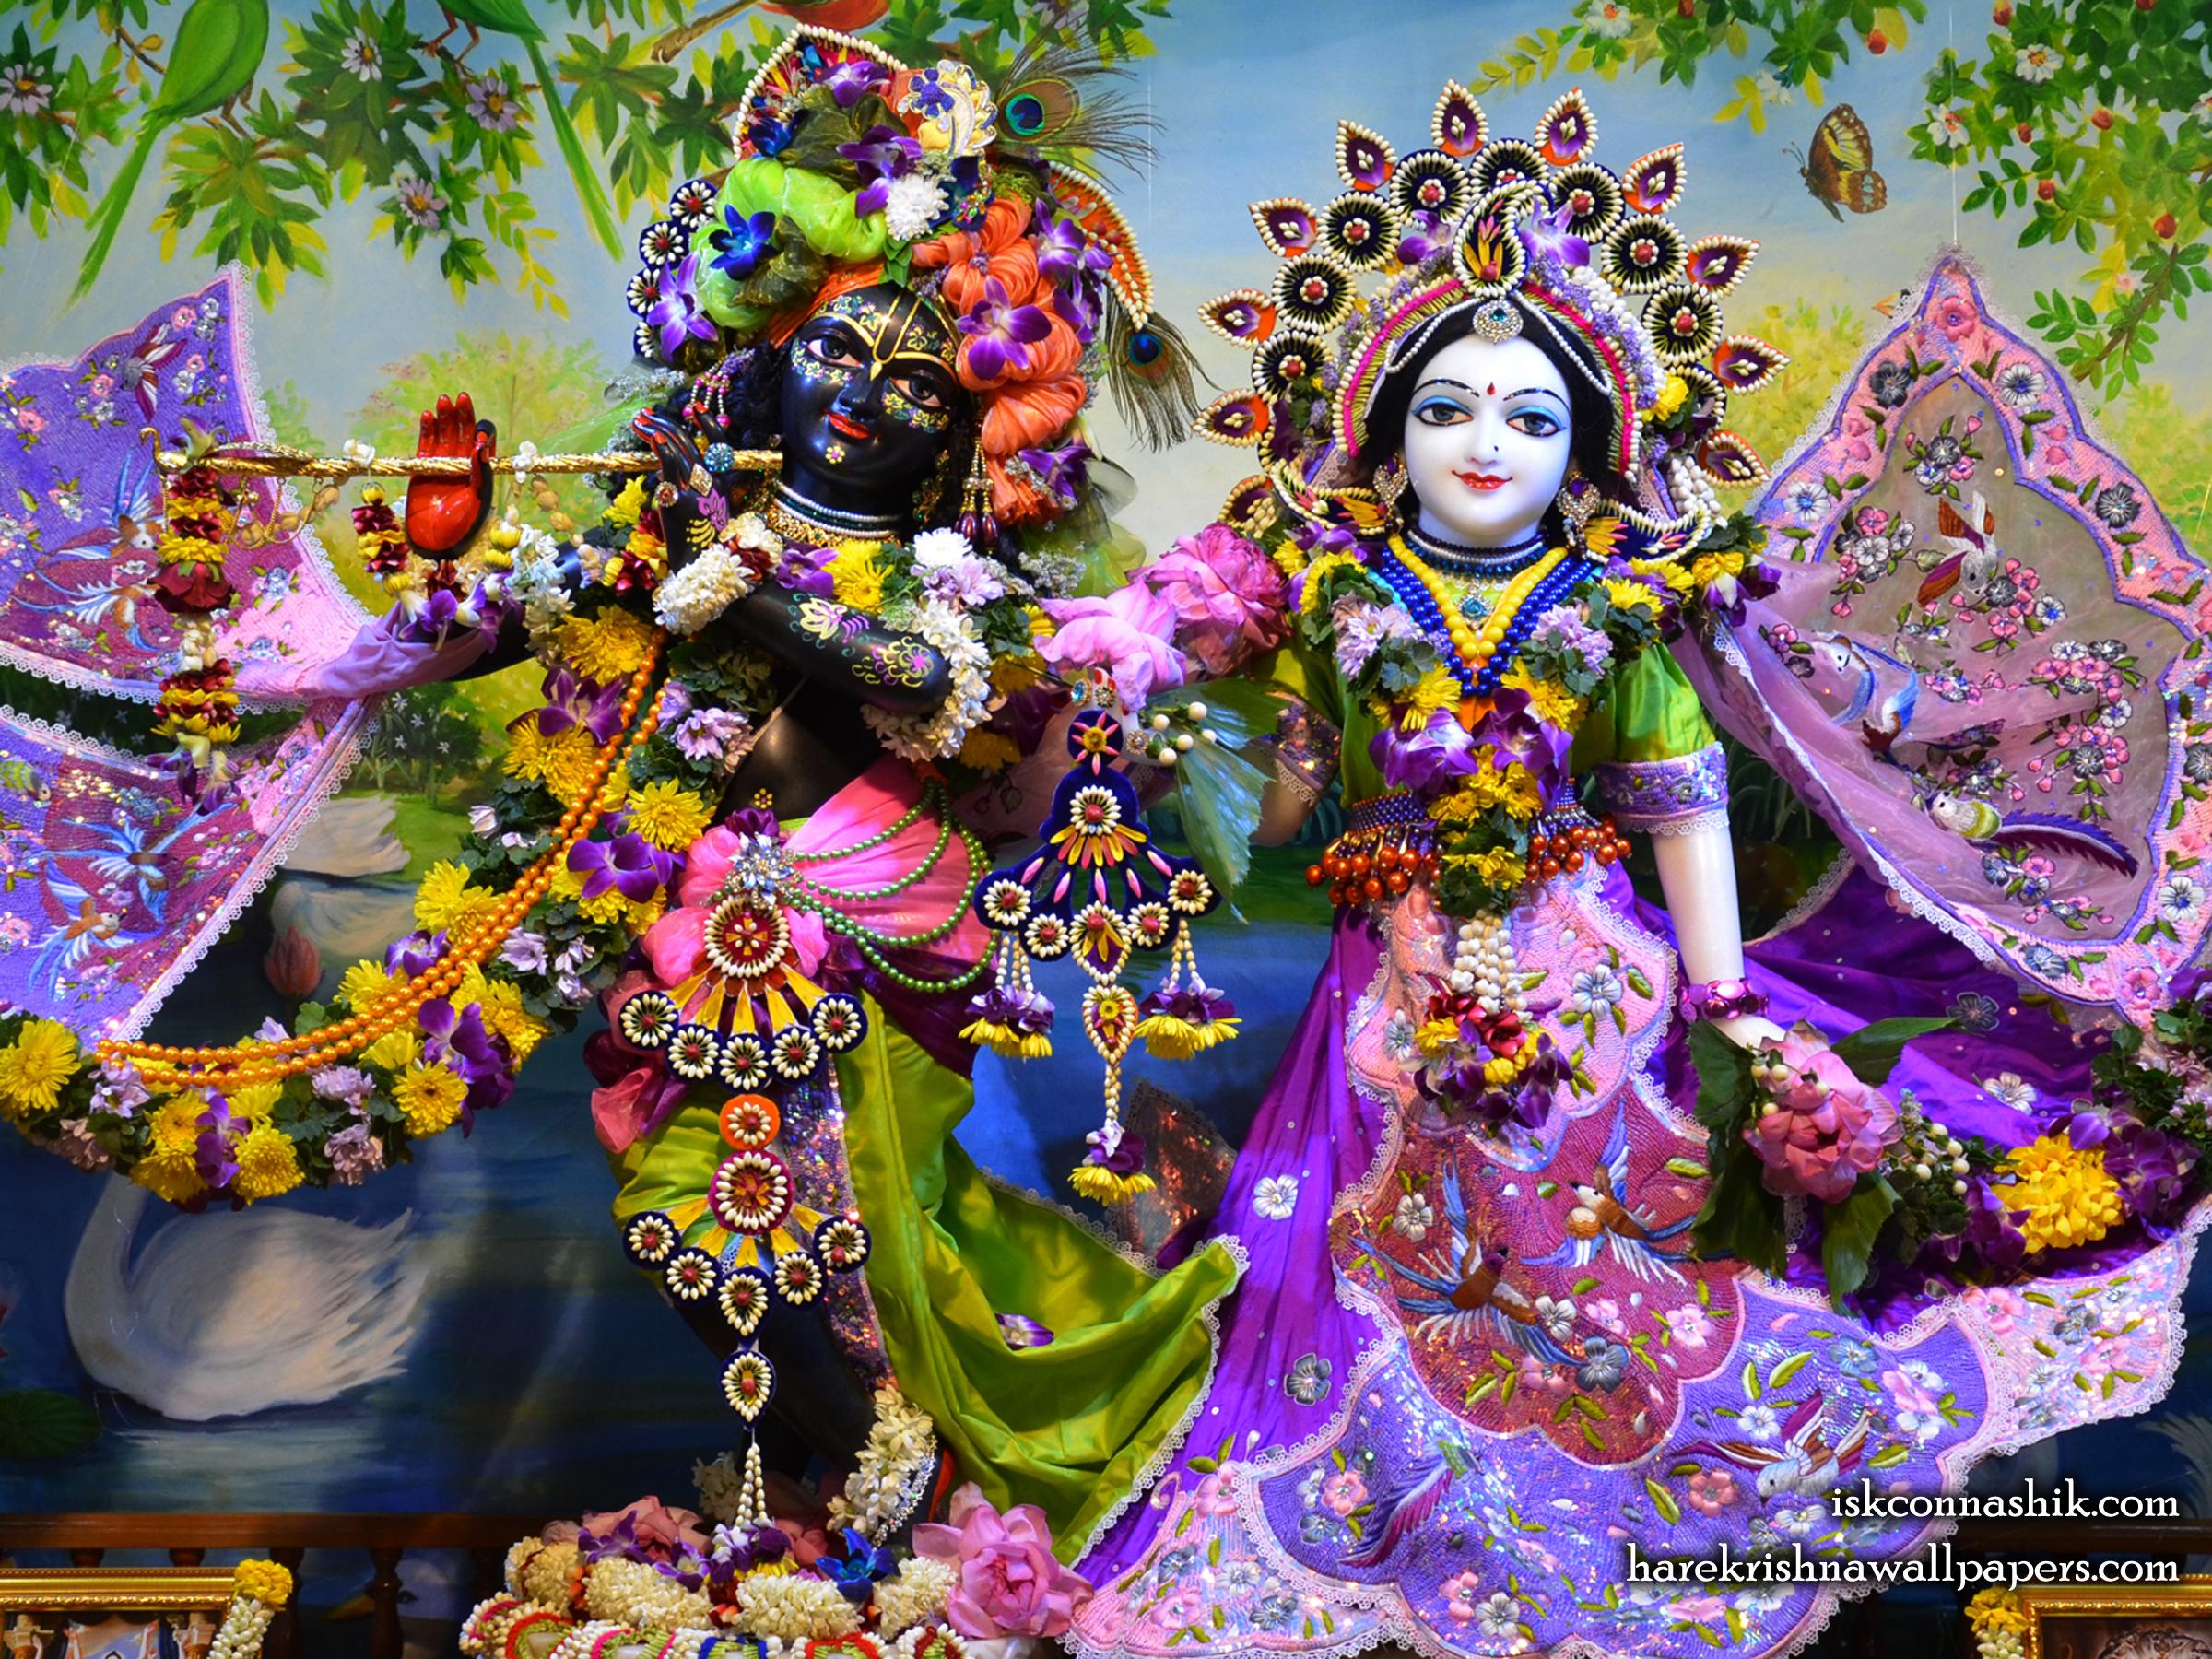 Sri Sri Radha Madan Gopal Wallpaper (021) Size 2400x1800 Download